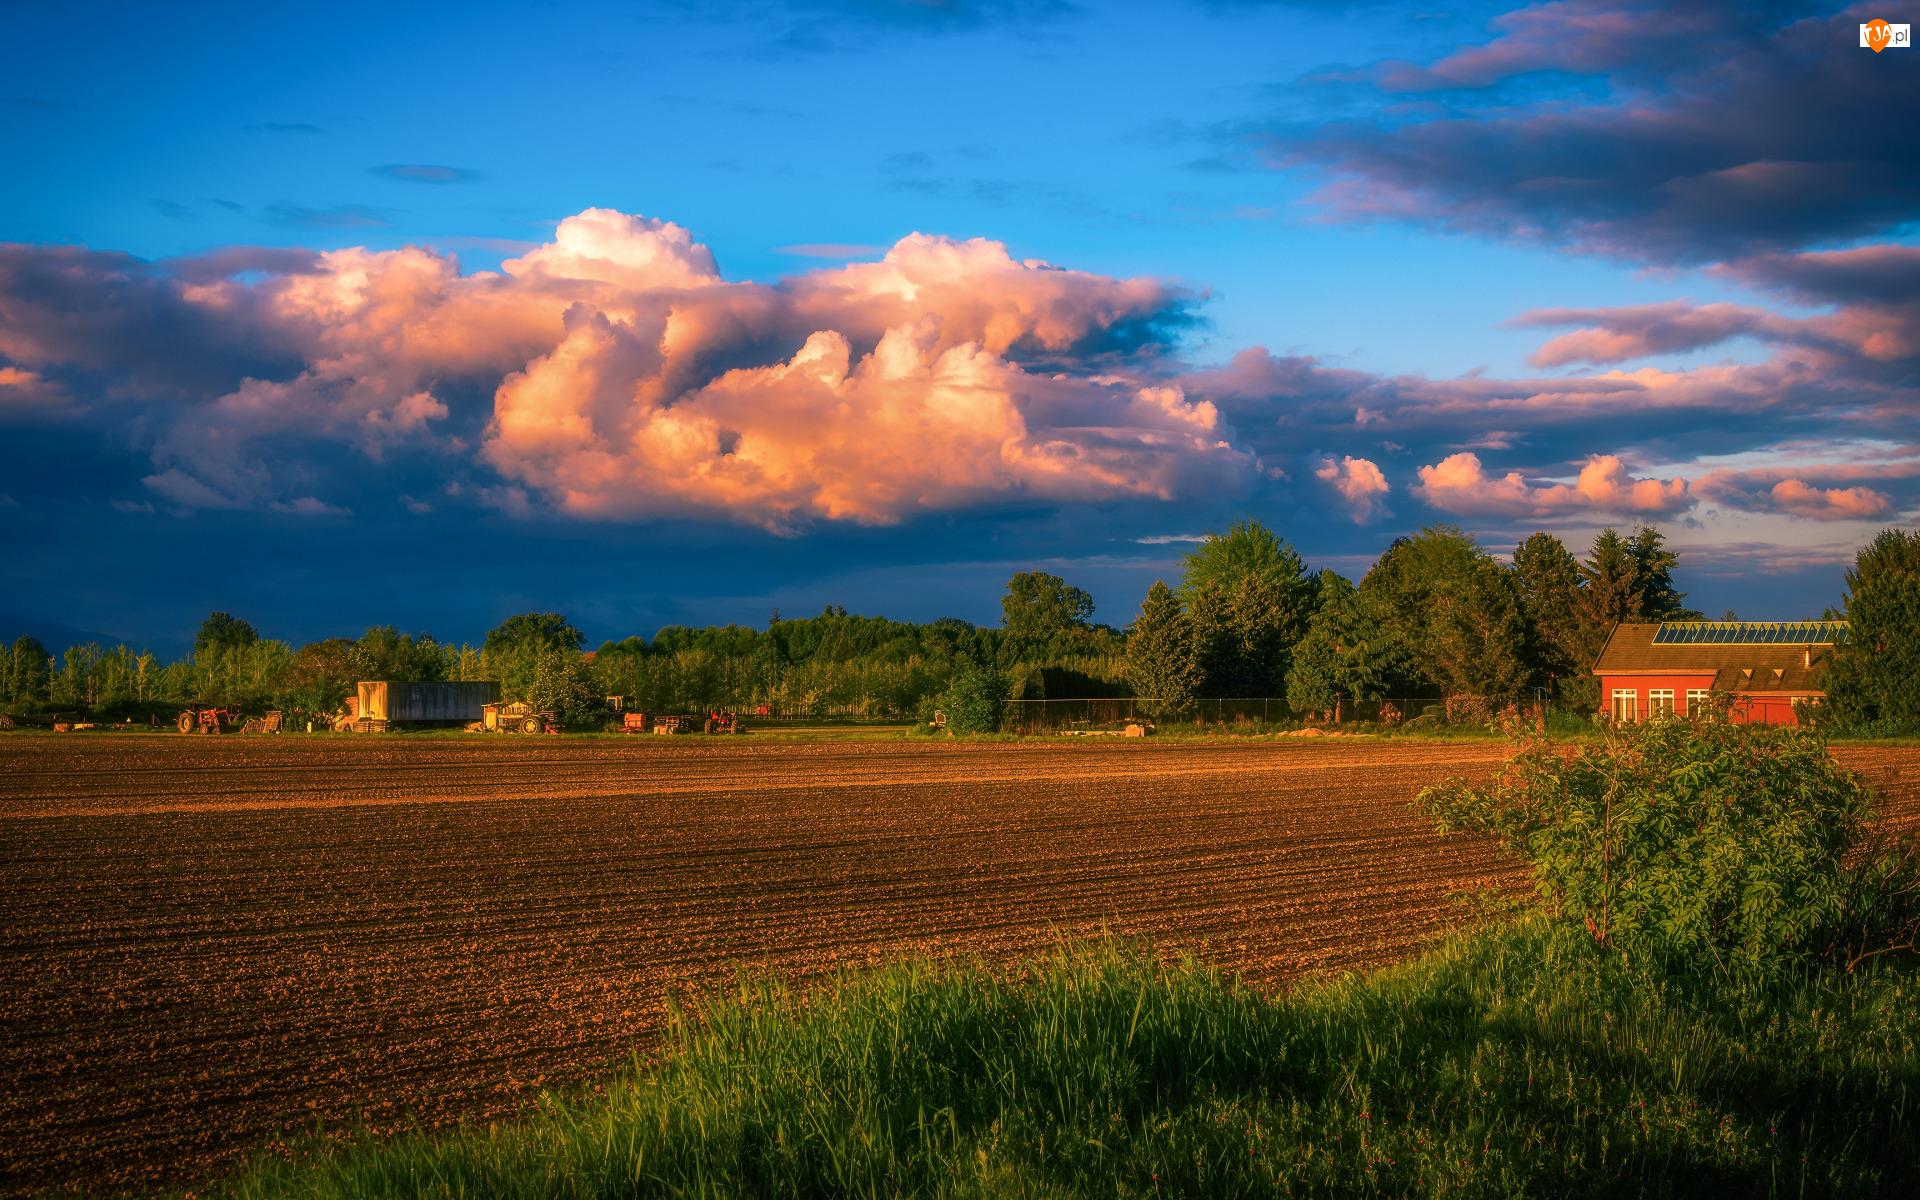 Drzewa, Chmury, Pole, Domy, Niebo